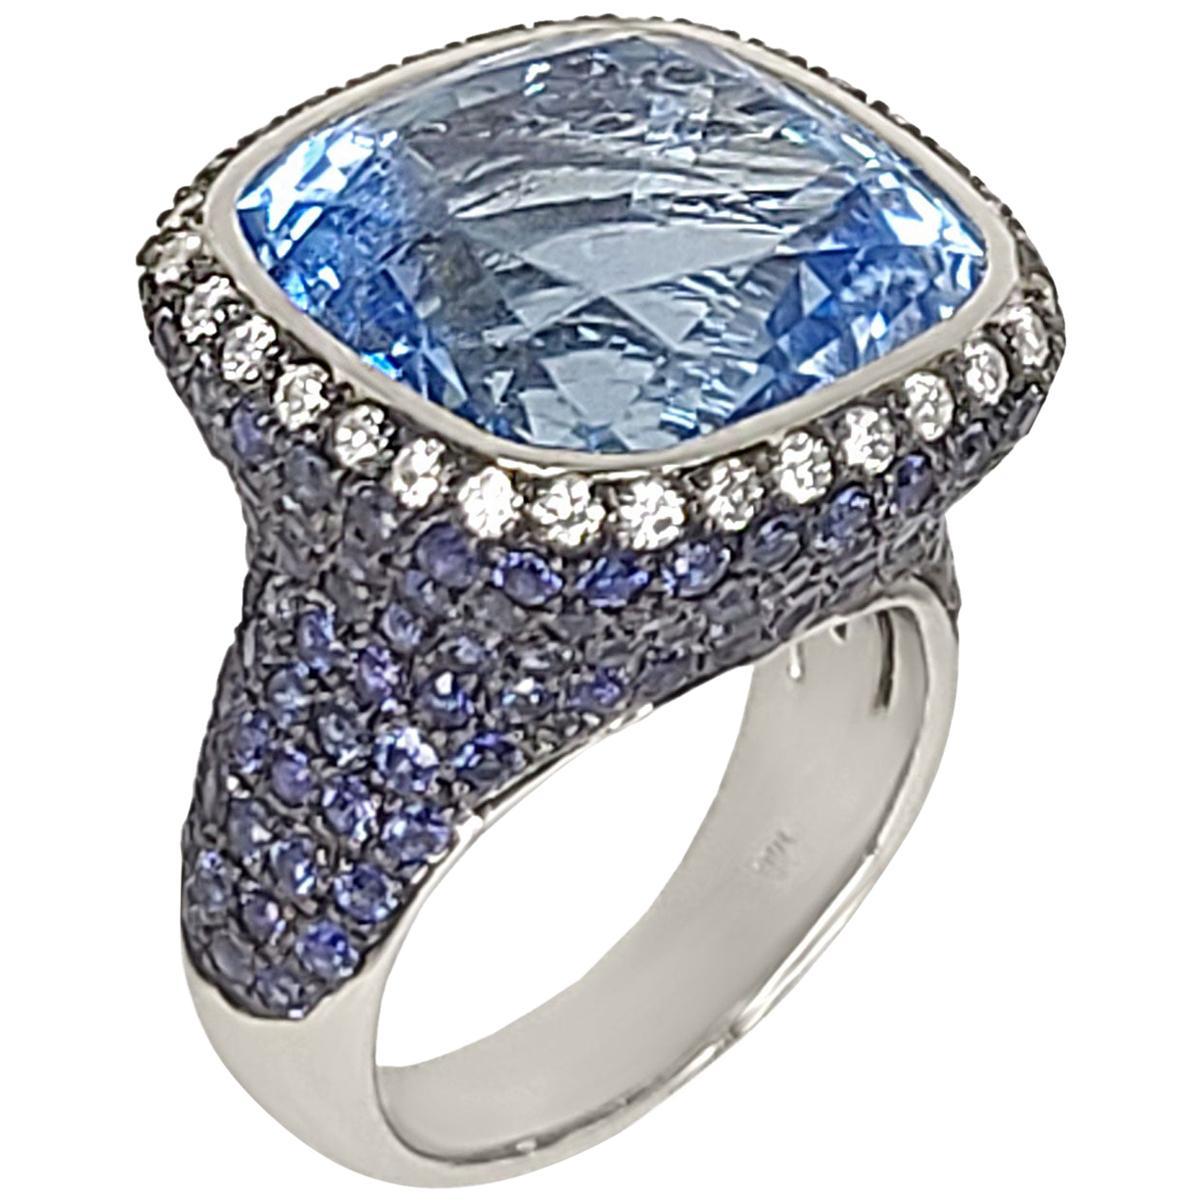 18K Gold Sapphire & Blue Topaz Ring